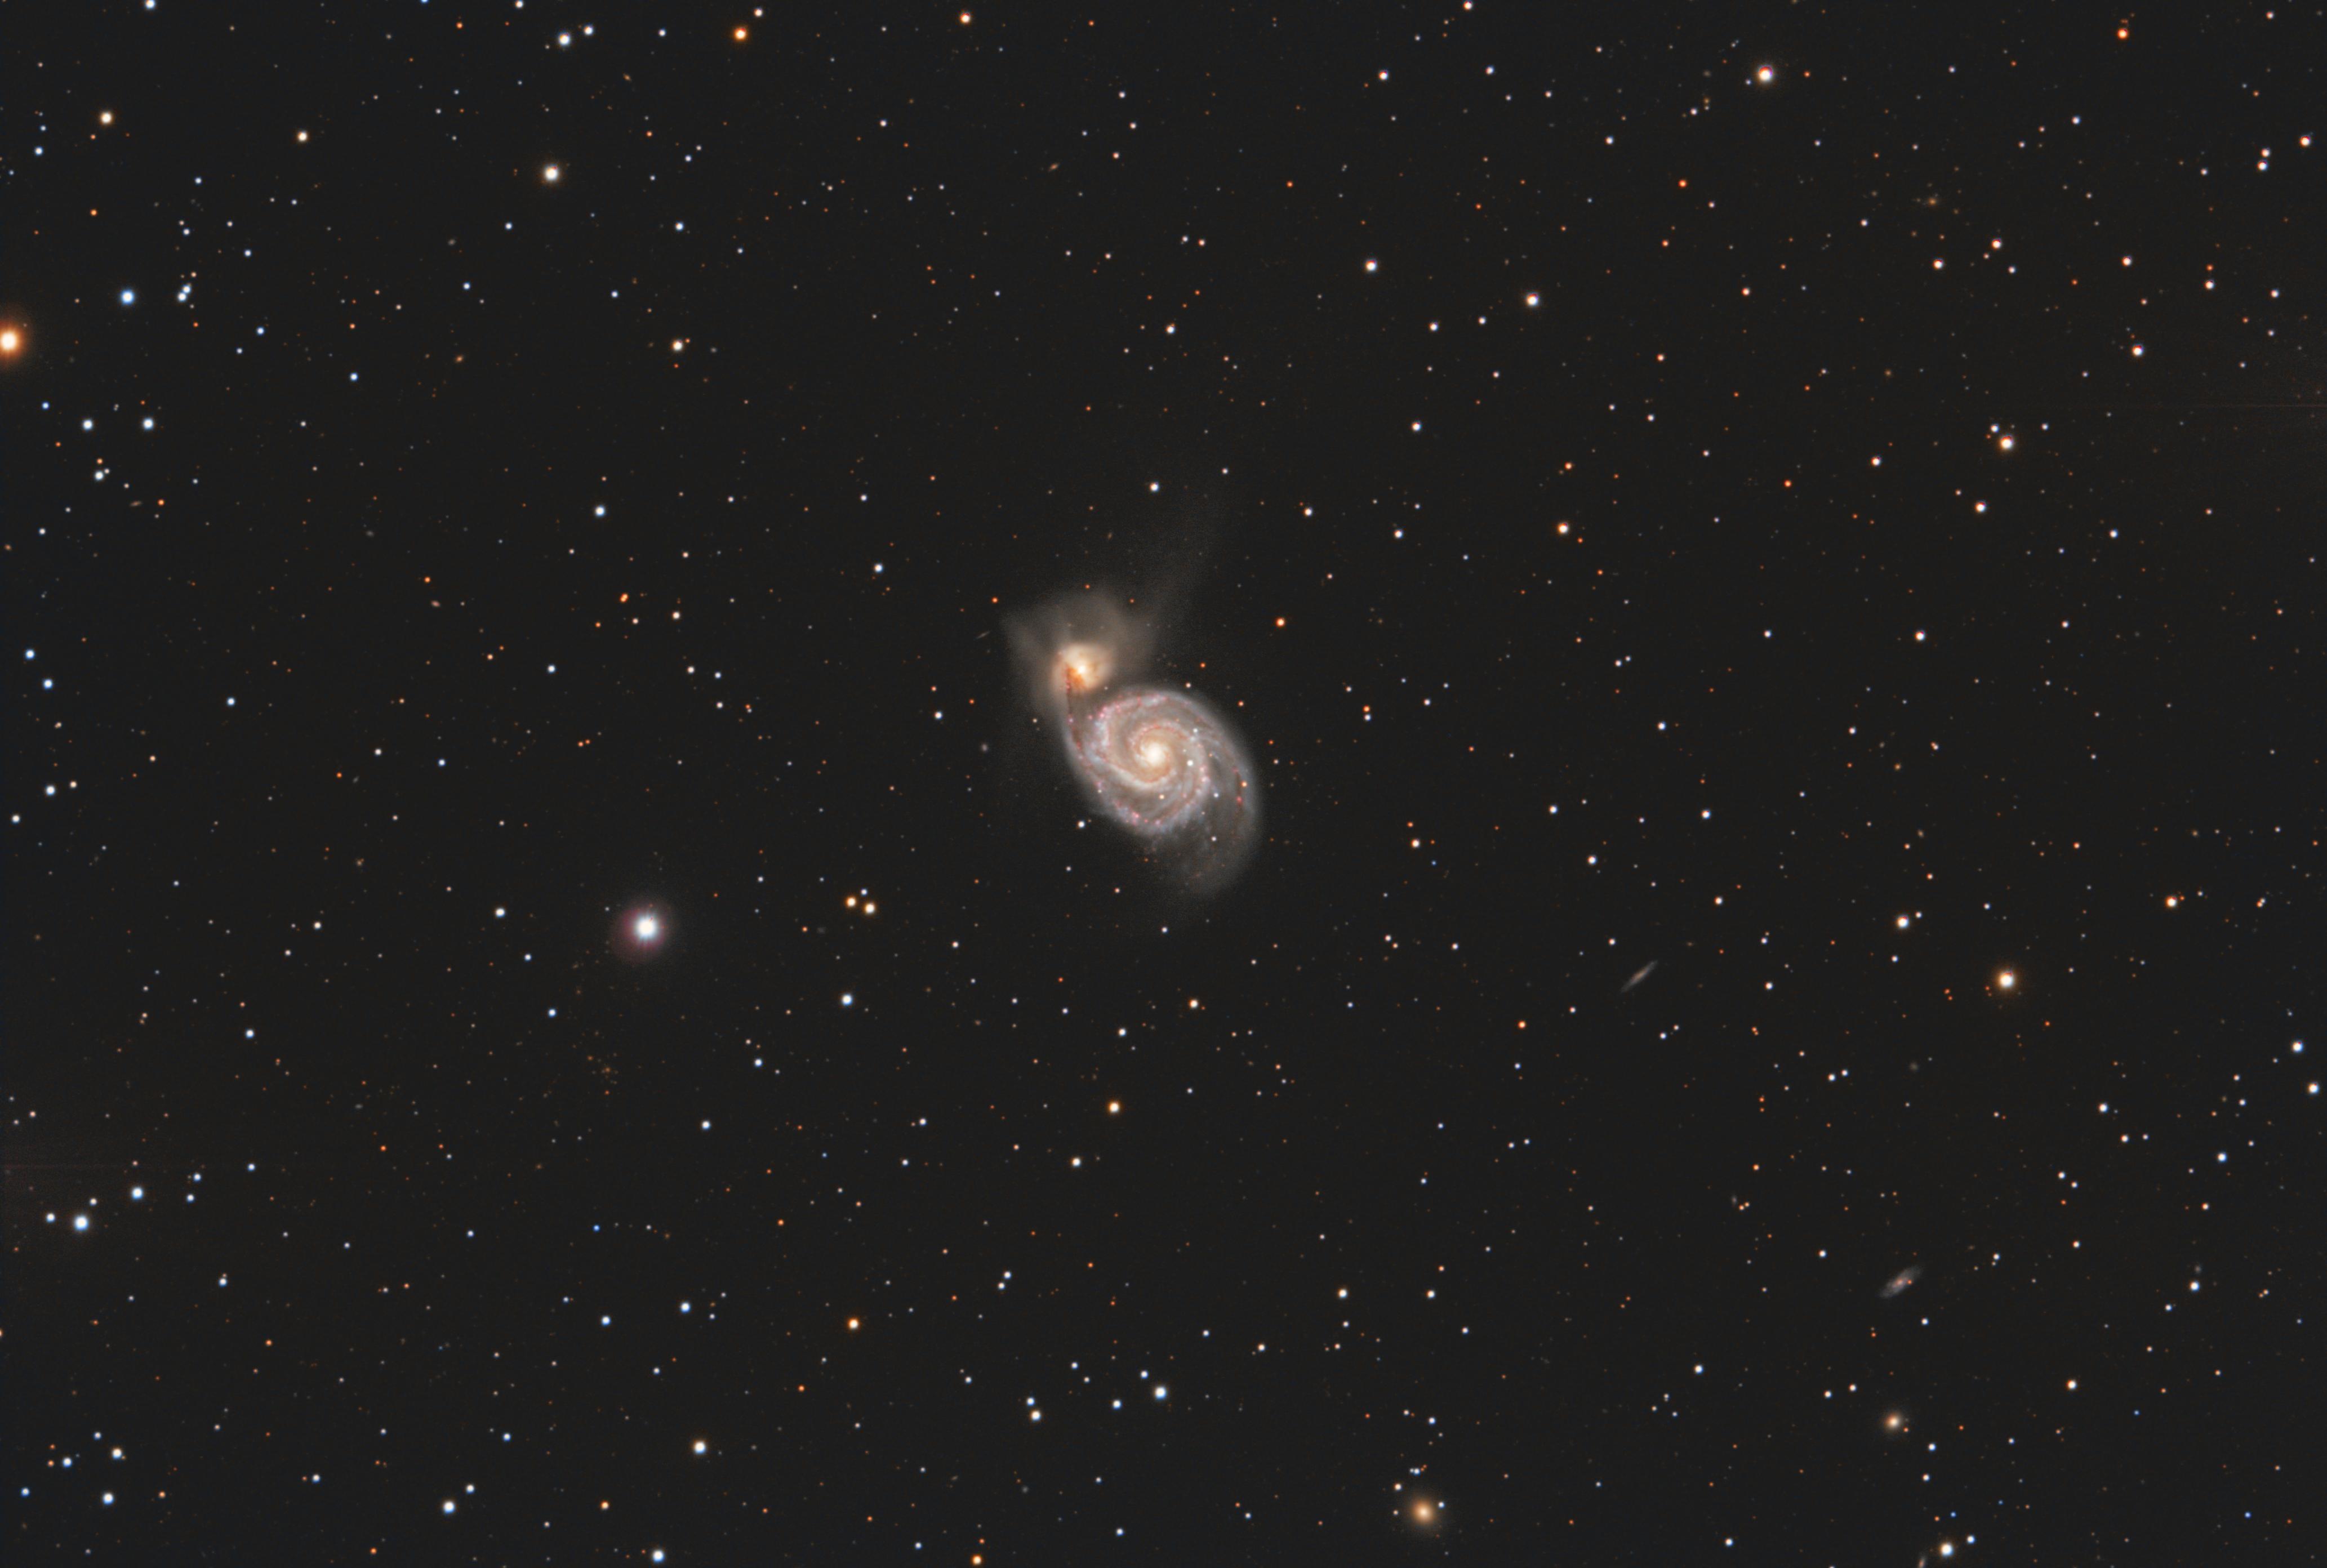 M51 - Galaxie du tourbillon avec la LBV AT2019abn,                                Caillault Guillaume